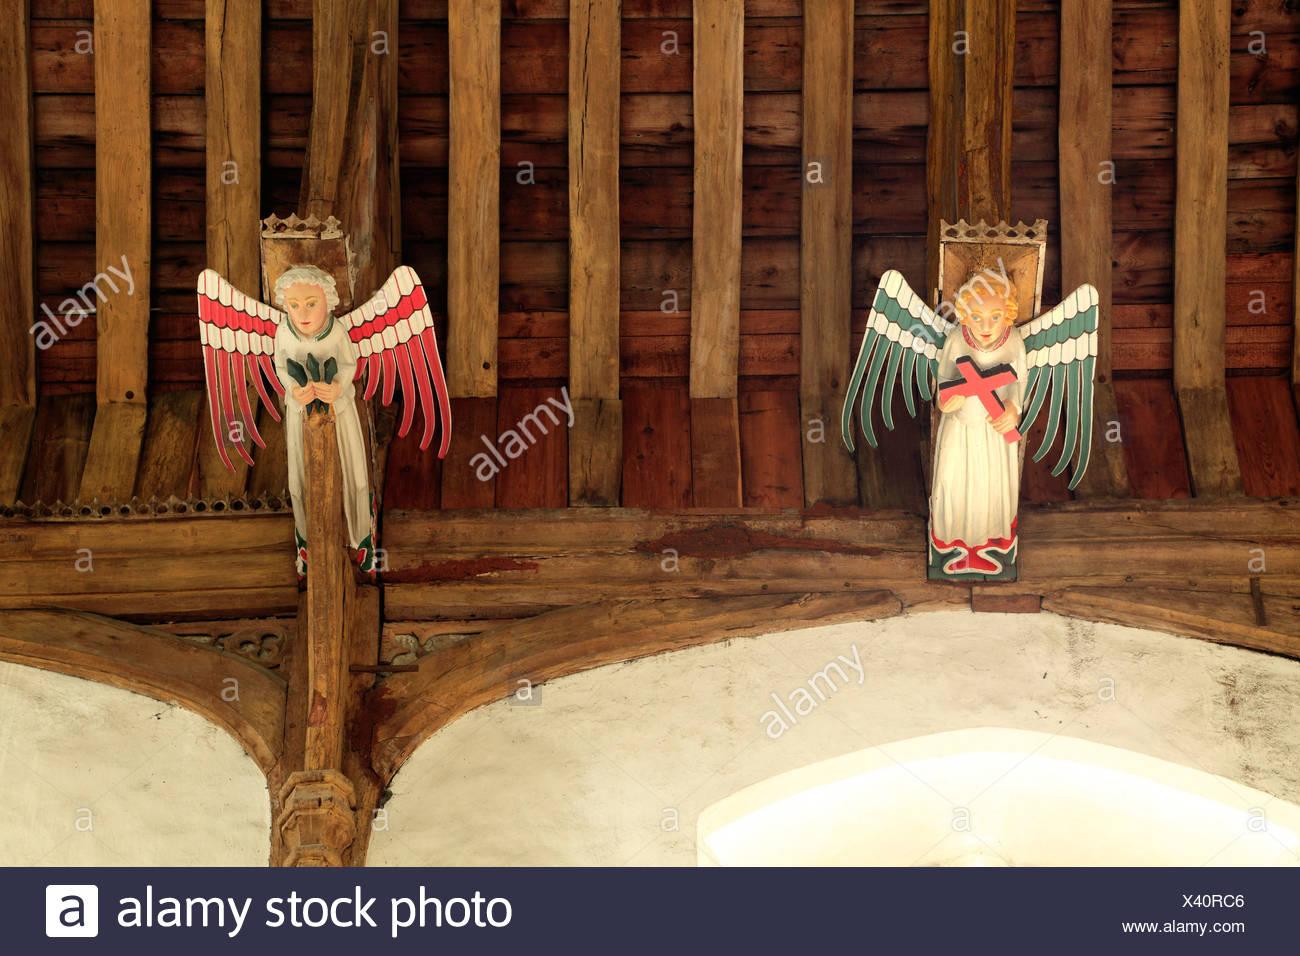 Sud Creake chiesa medievale di tetto hammerbeam, angeli angelo, Norfolk, Inghilterra, tetti martello travi trave Immagini Stock